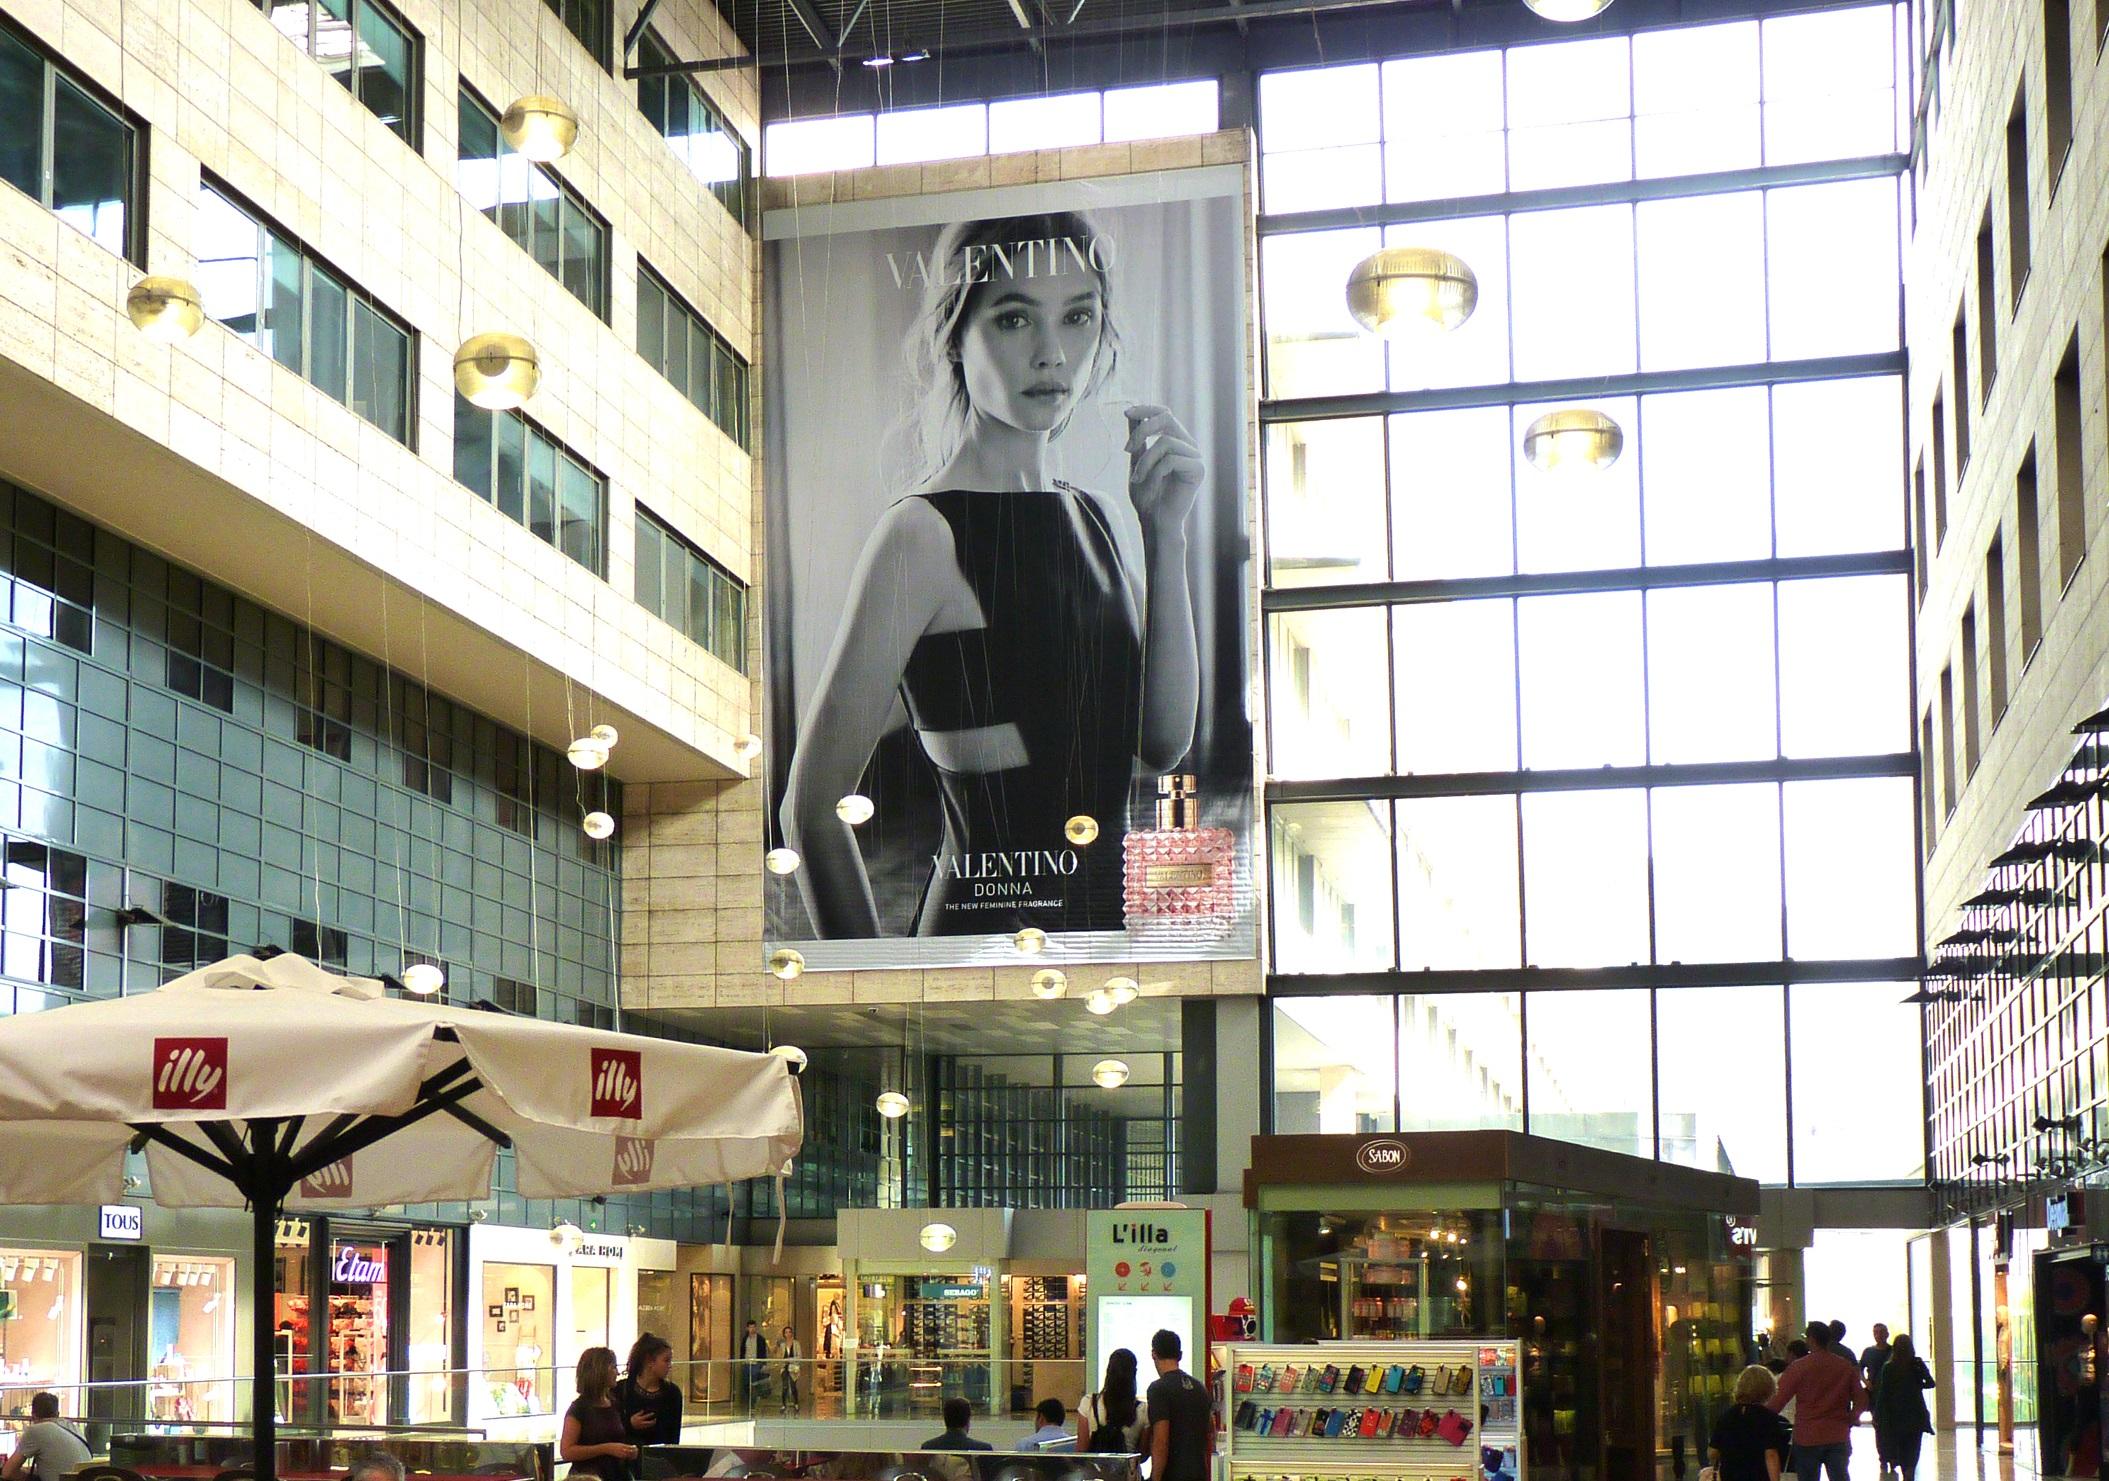 Puig Valentino Oct 15 Recortada.jpg